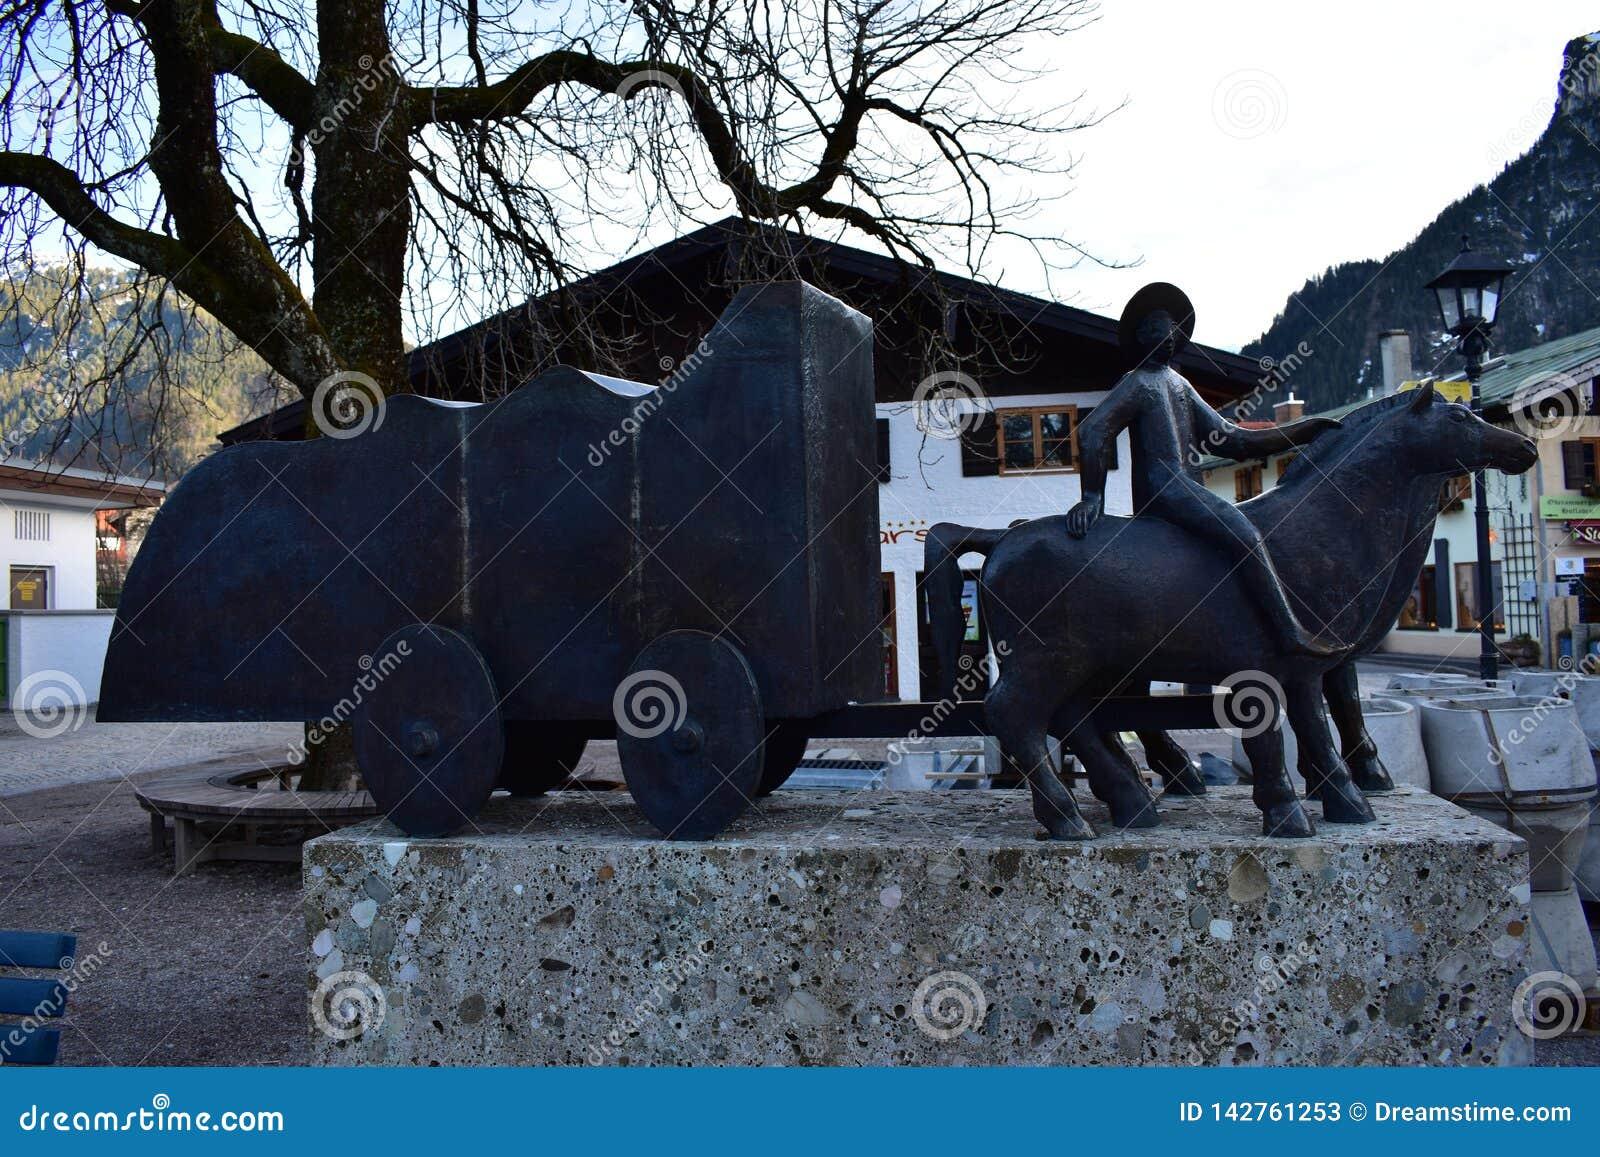 Bronzestatue in Oberammergau, das einen Wagen zeigt